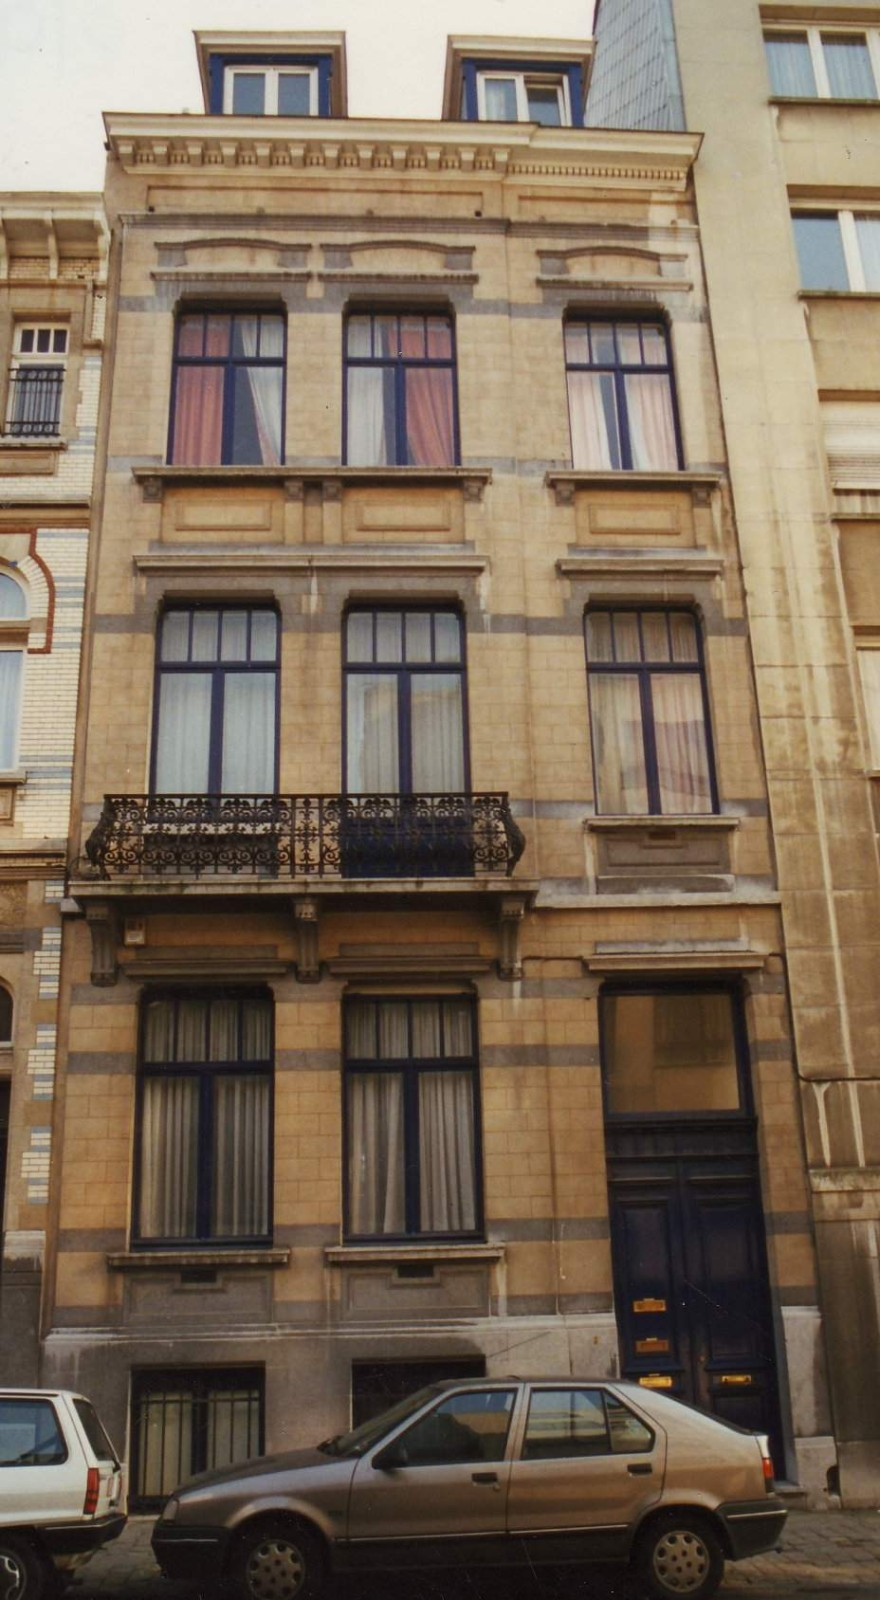 Rue d'Oultremont 3., 1994